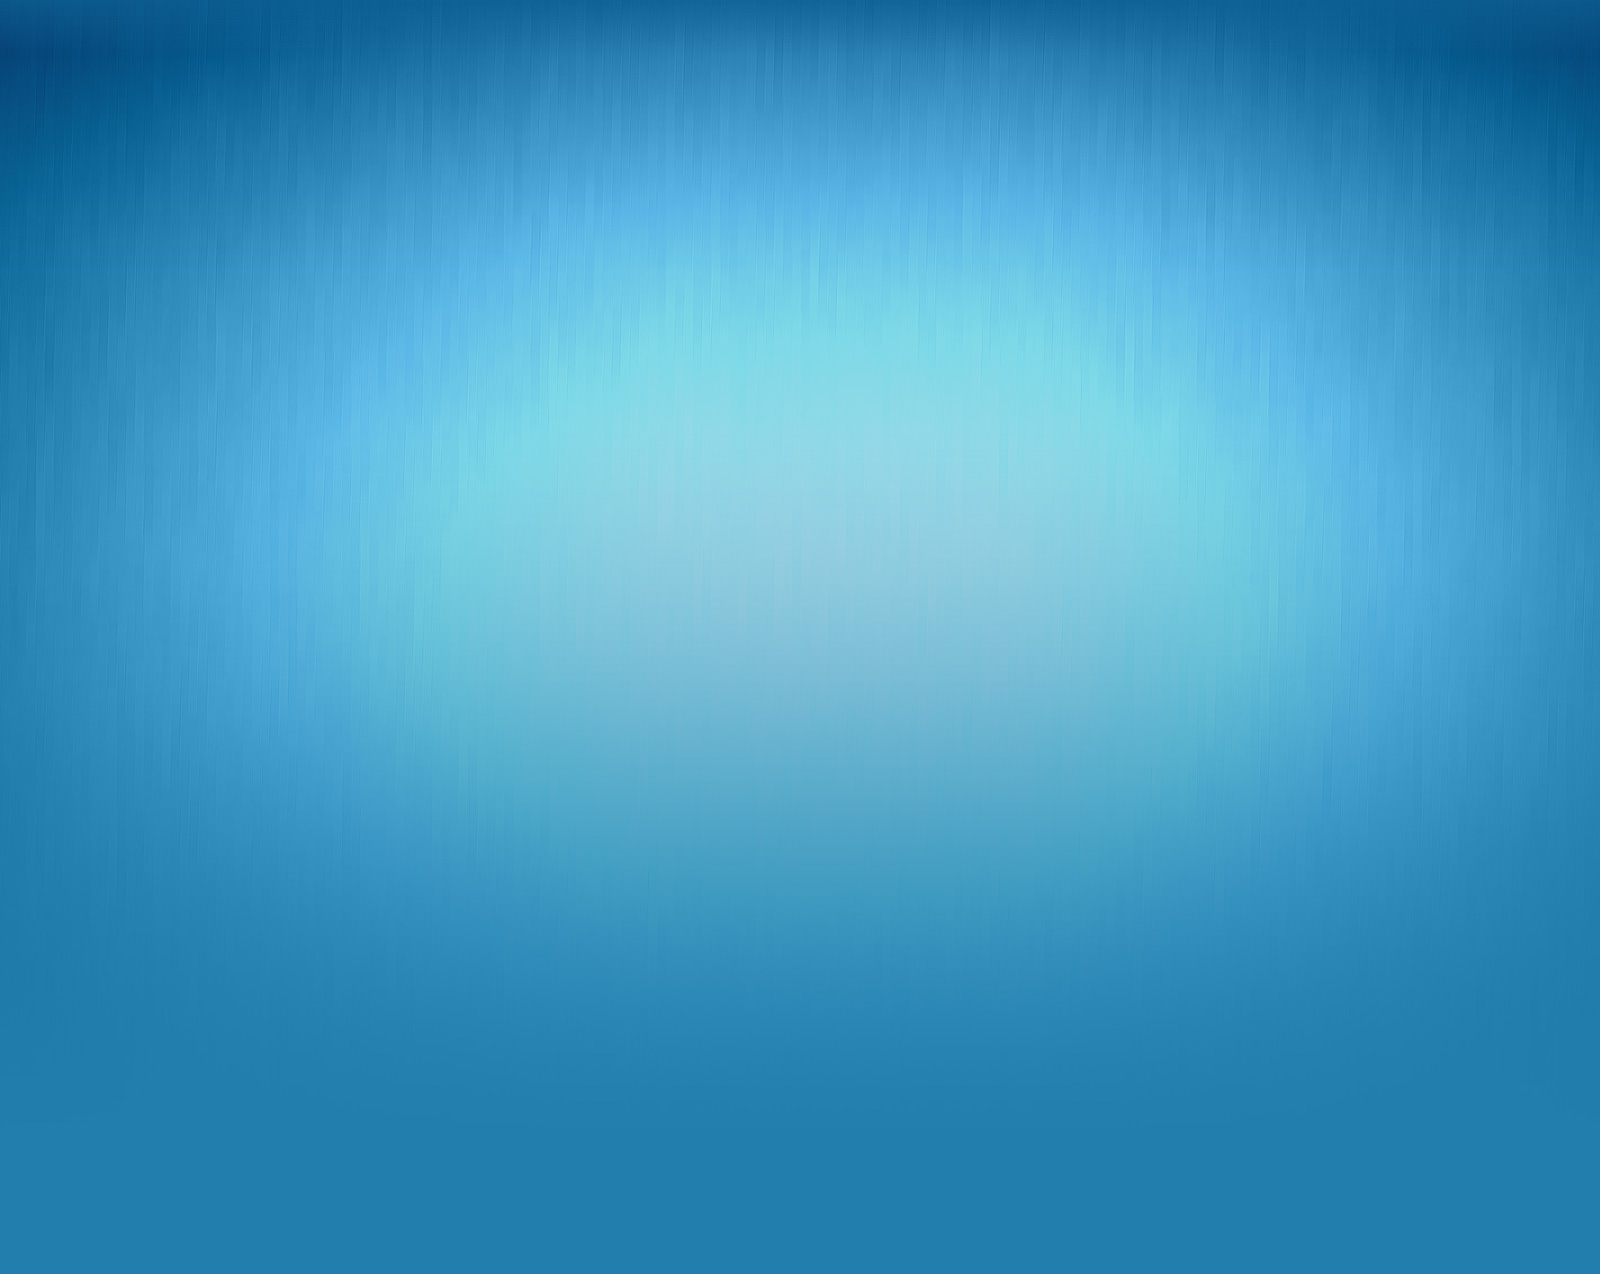 Website Backgrounds Free Html | Slide Background Edit